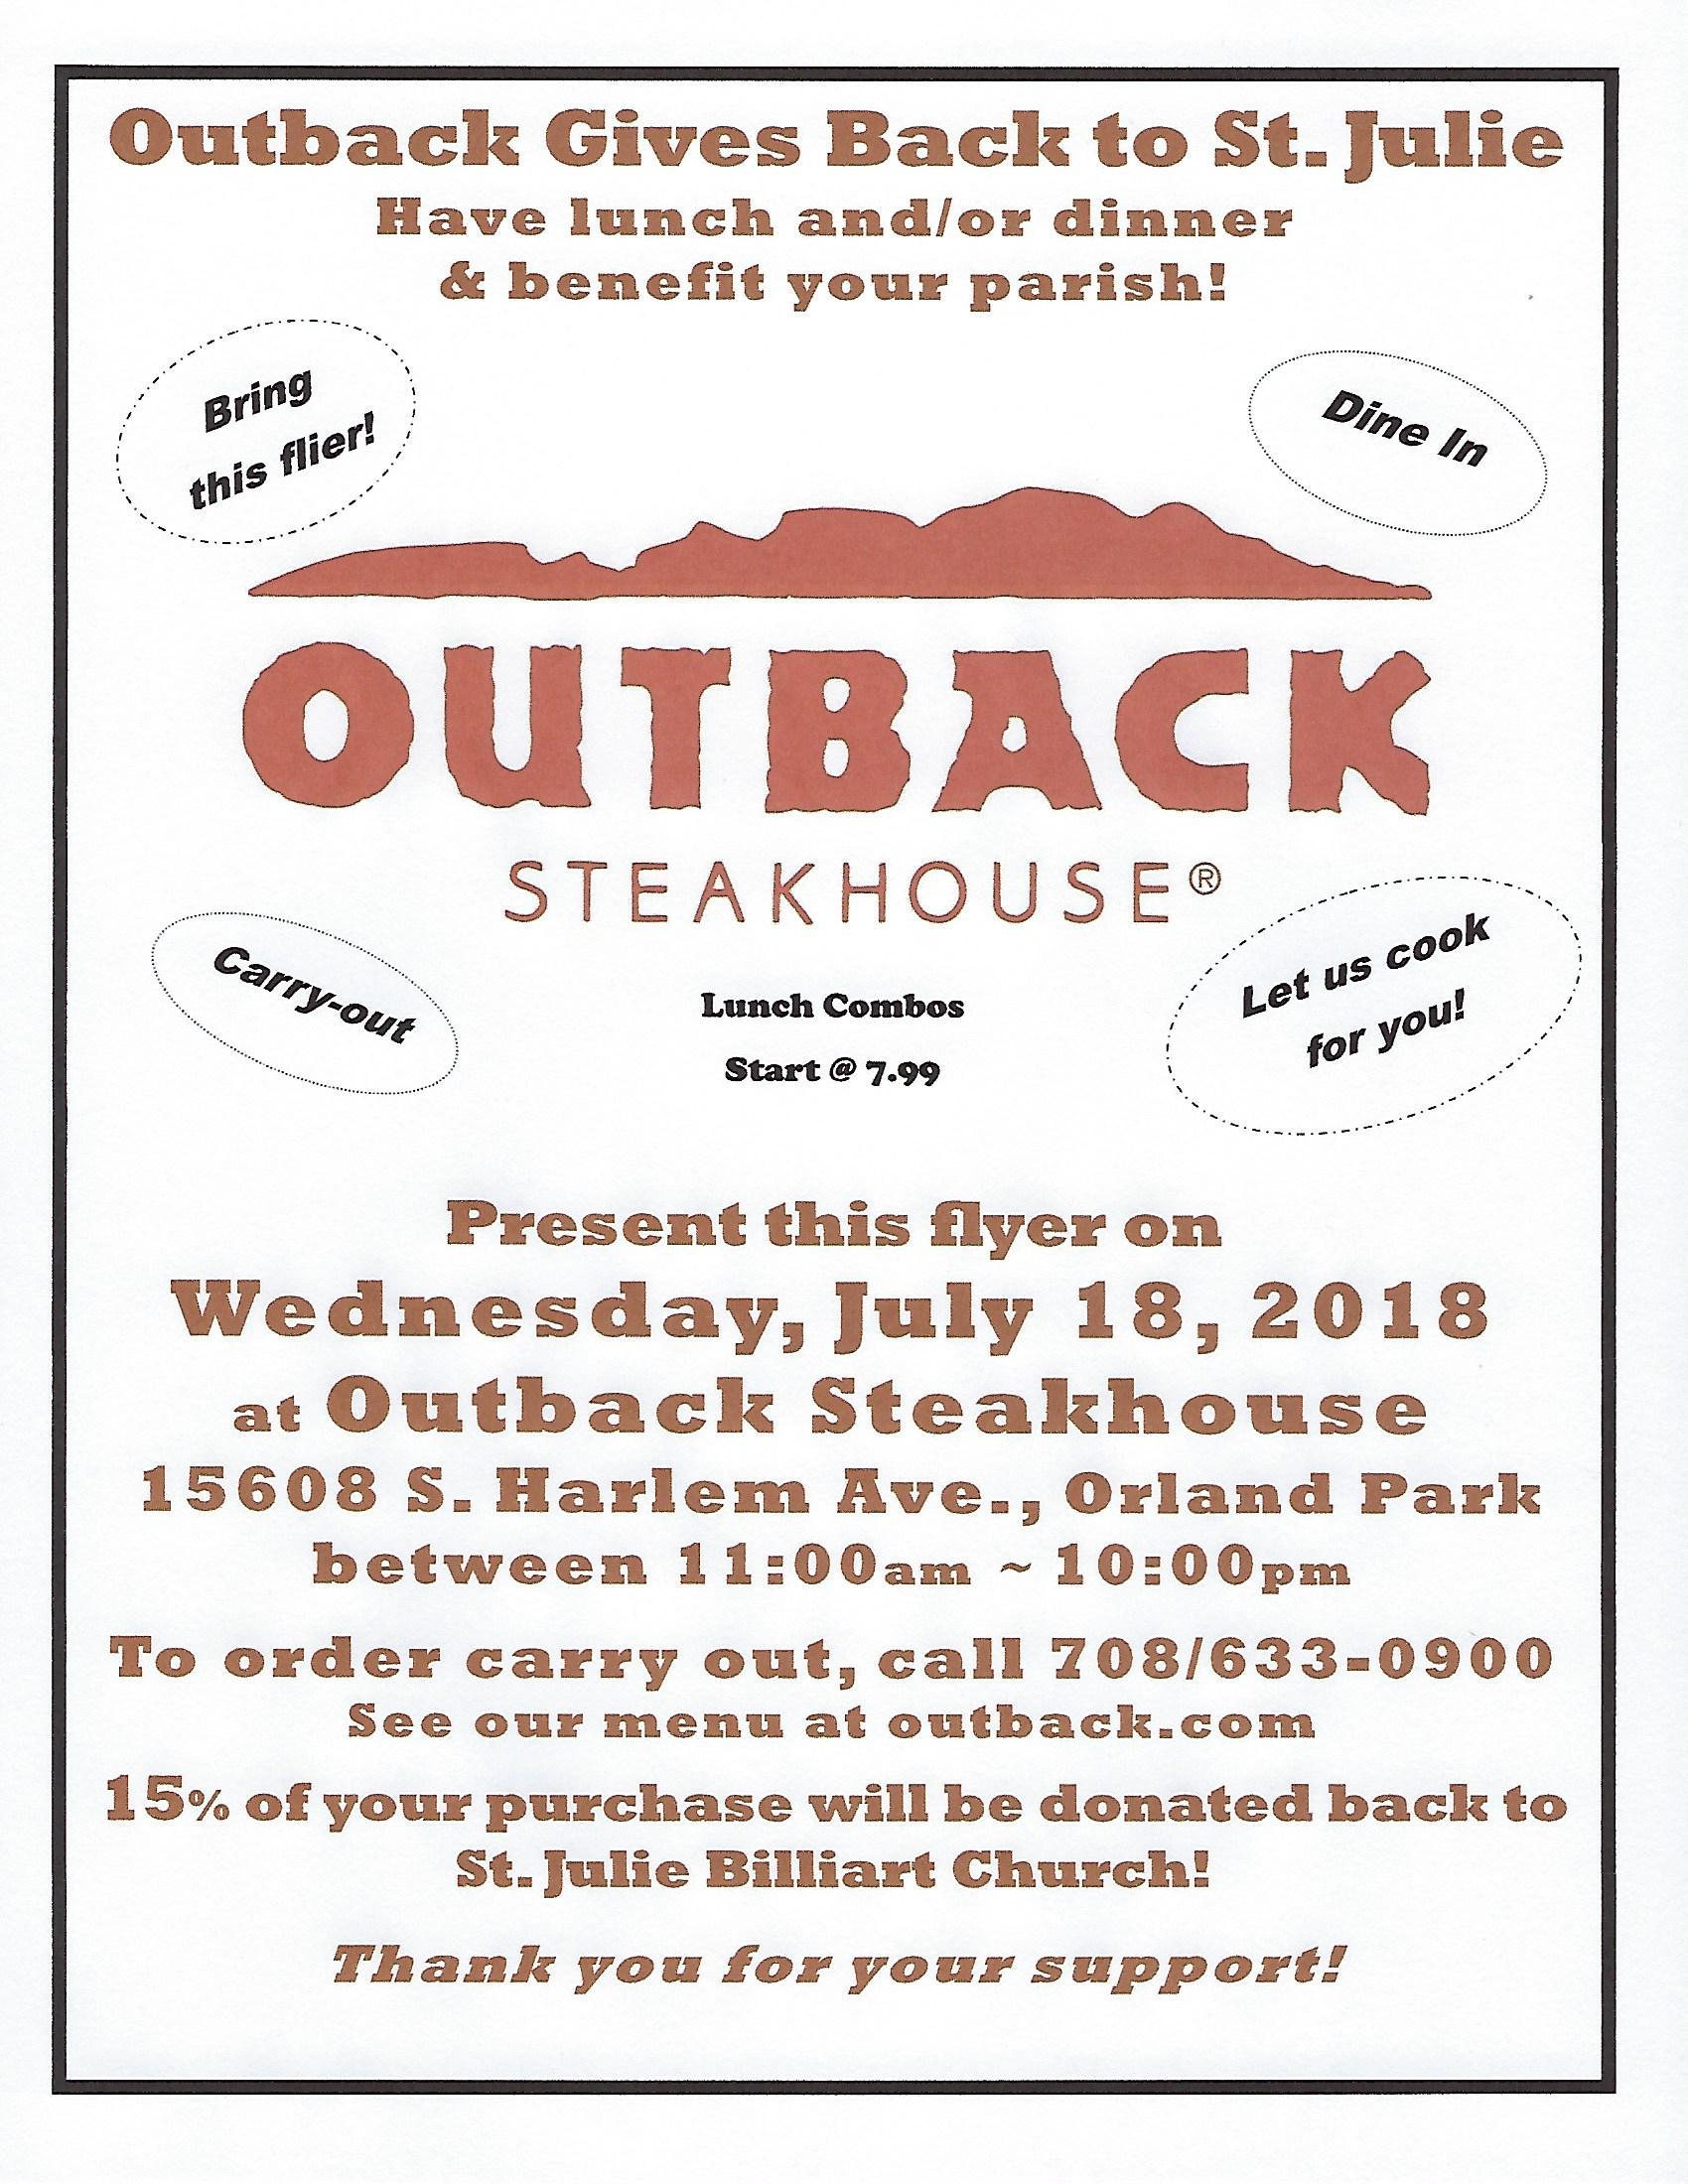 Outback Steakhouse Restaurant Fundraiser